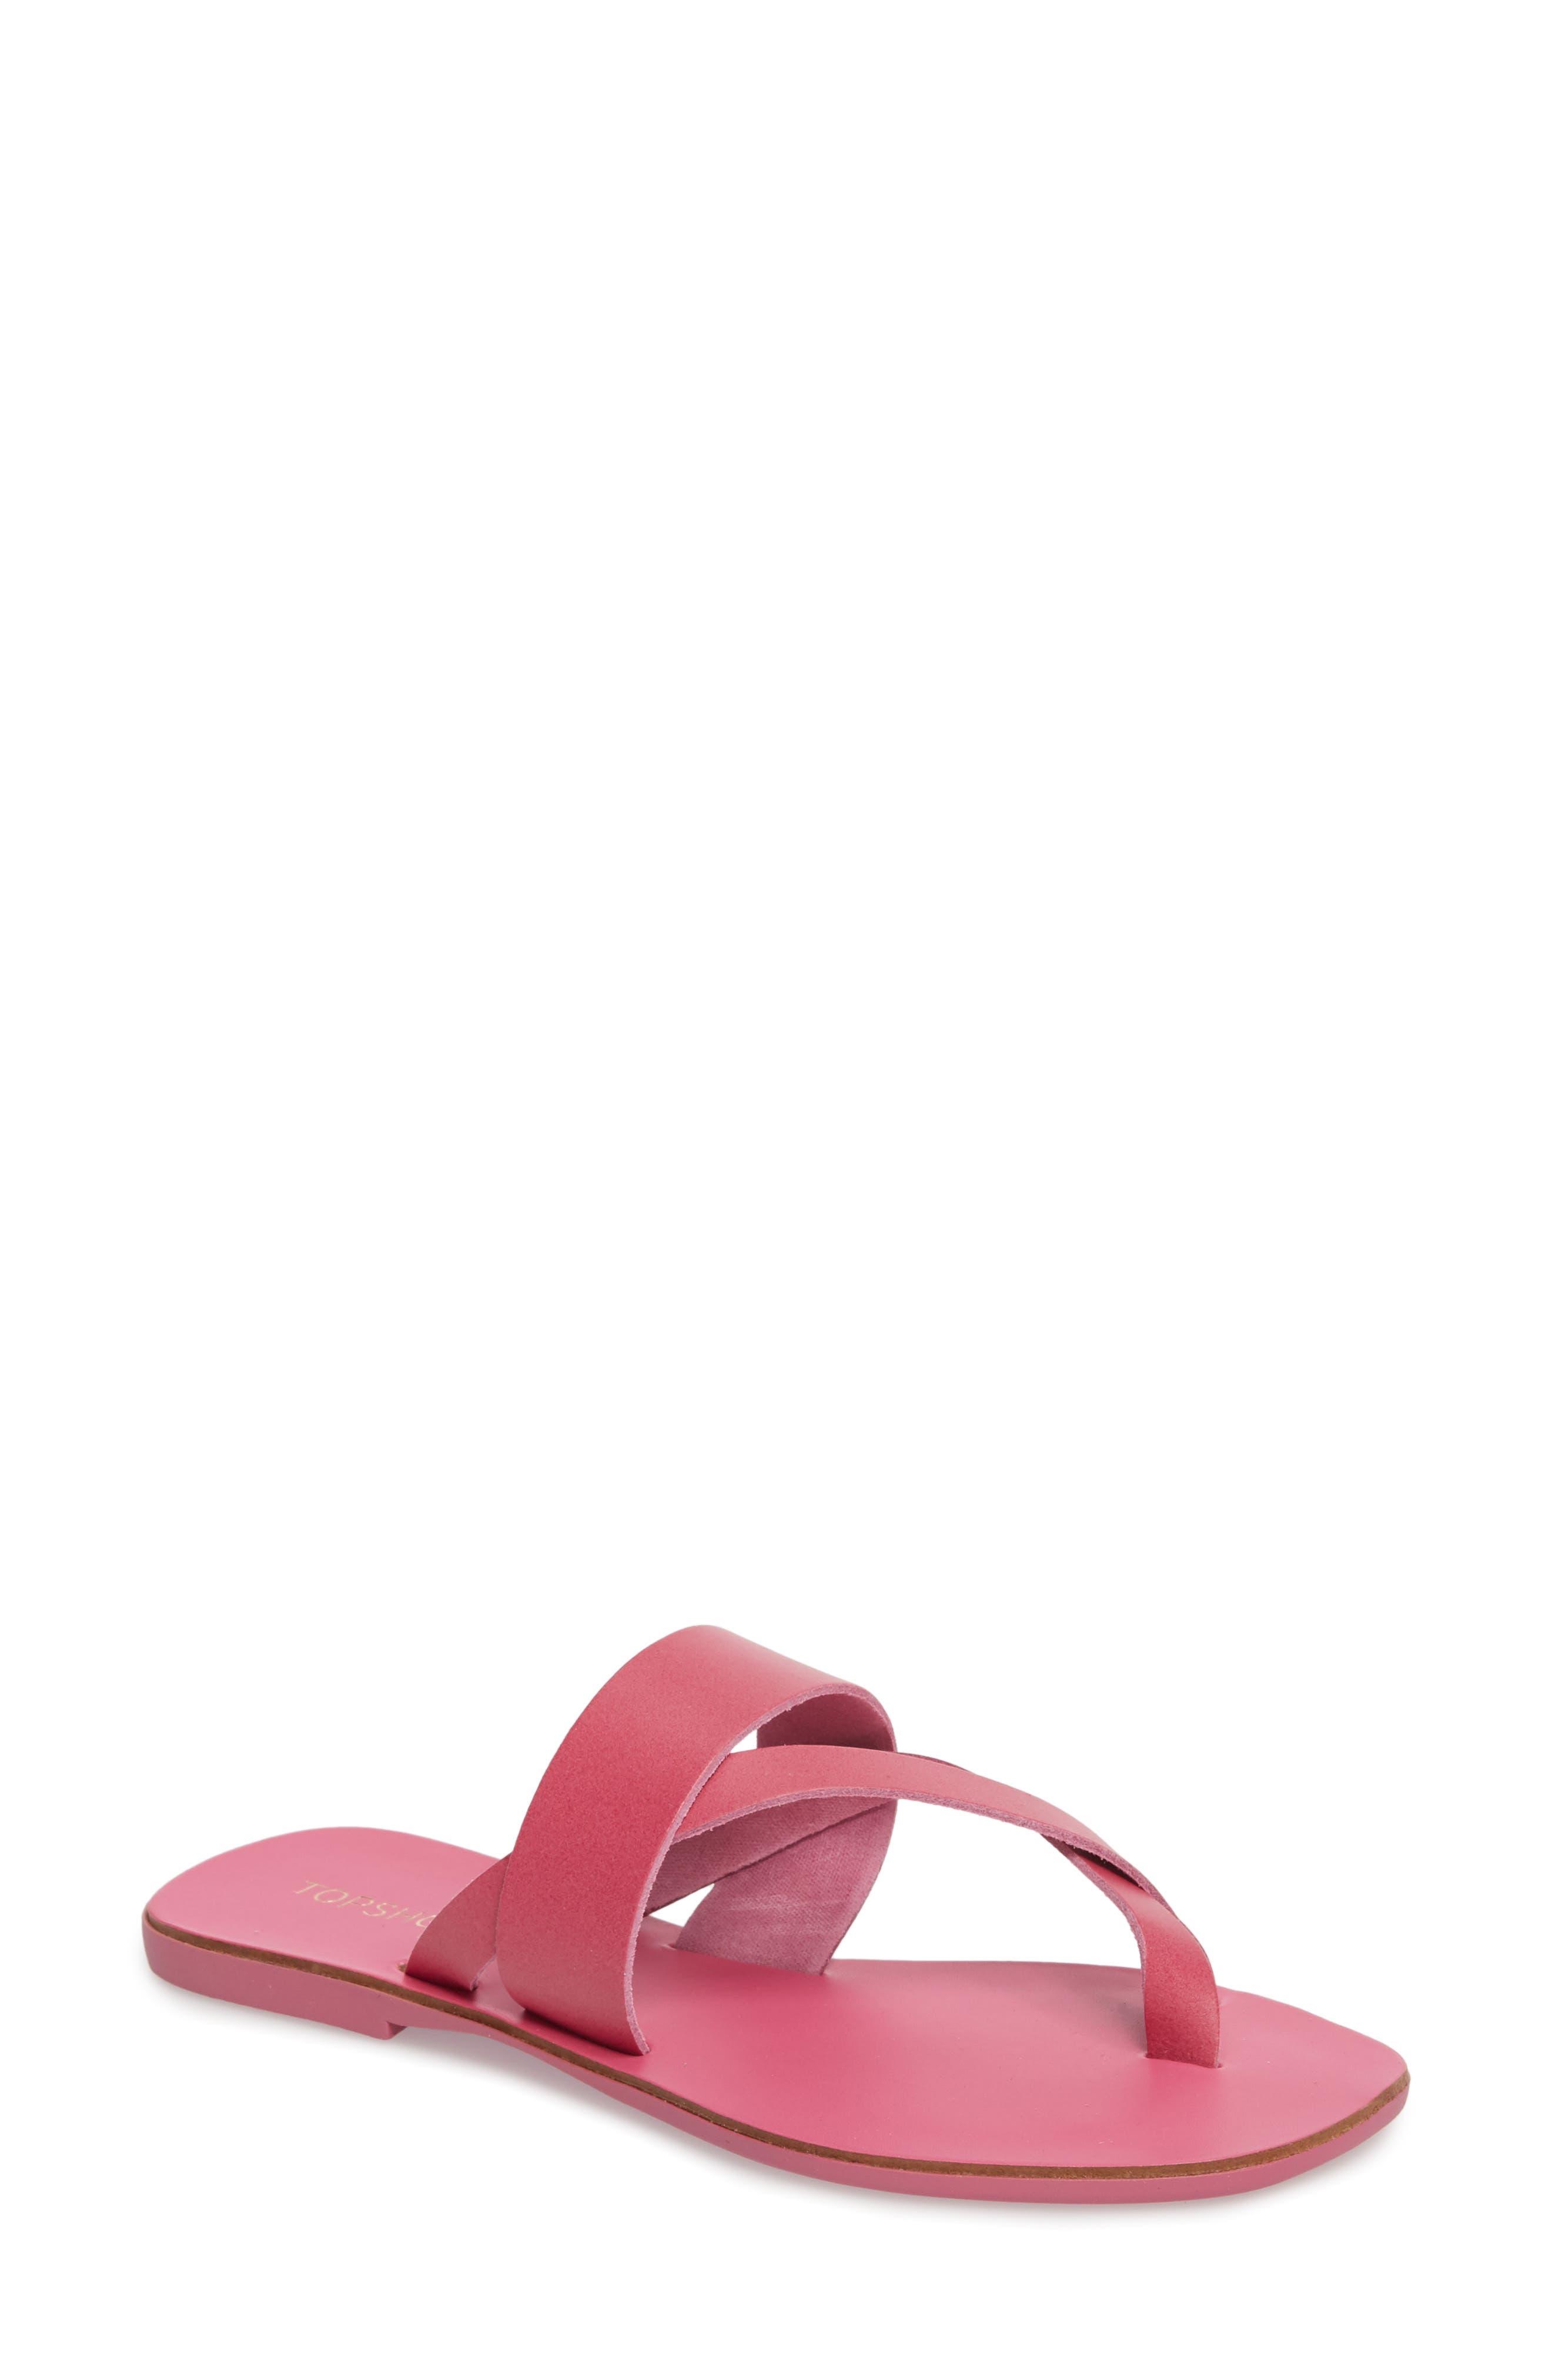 Harper Sandal,                         Main,                         color, Pink